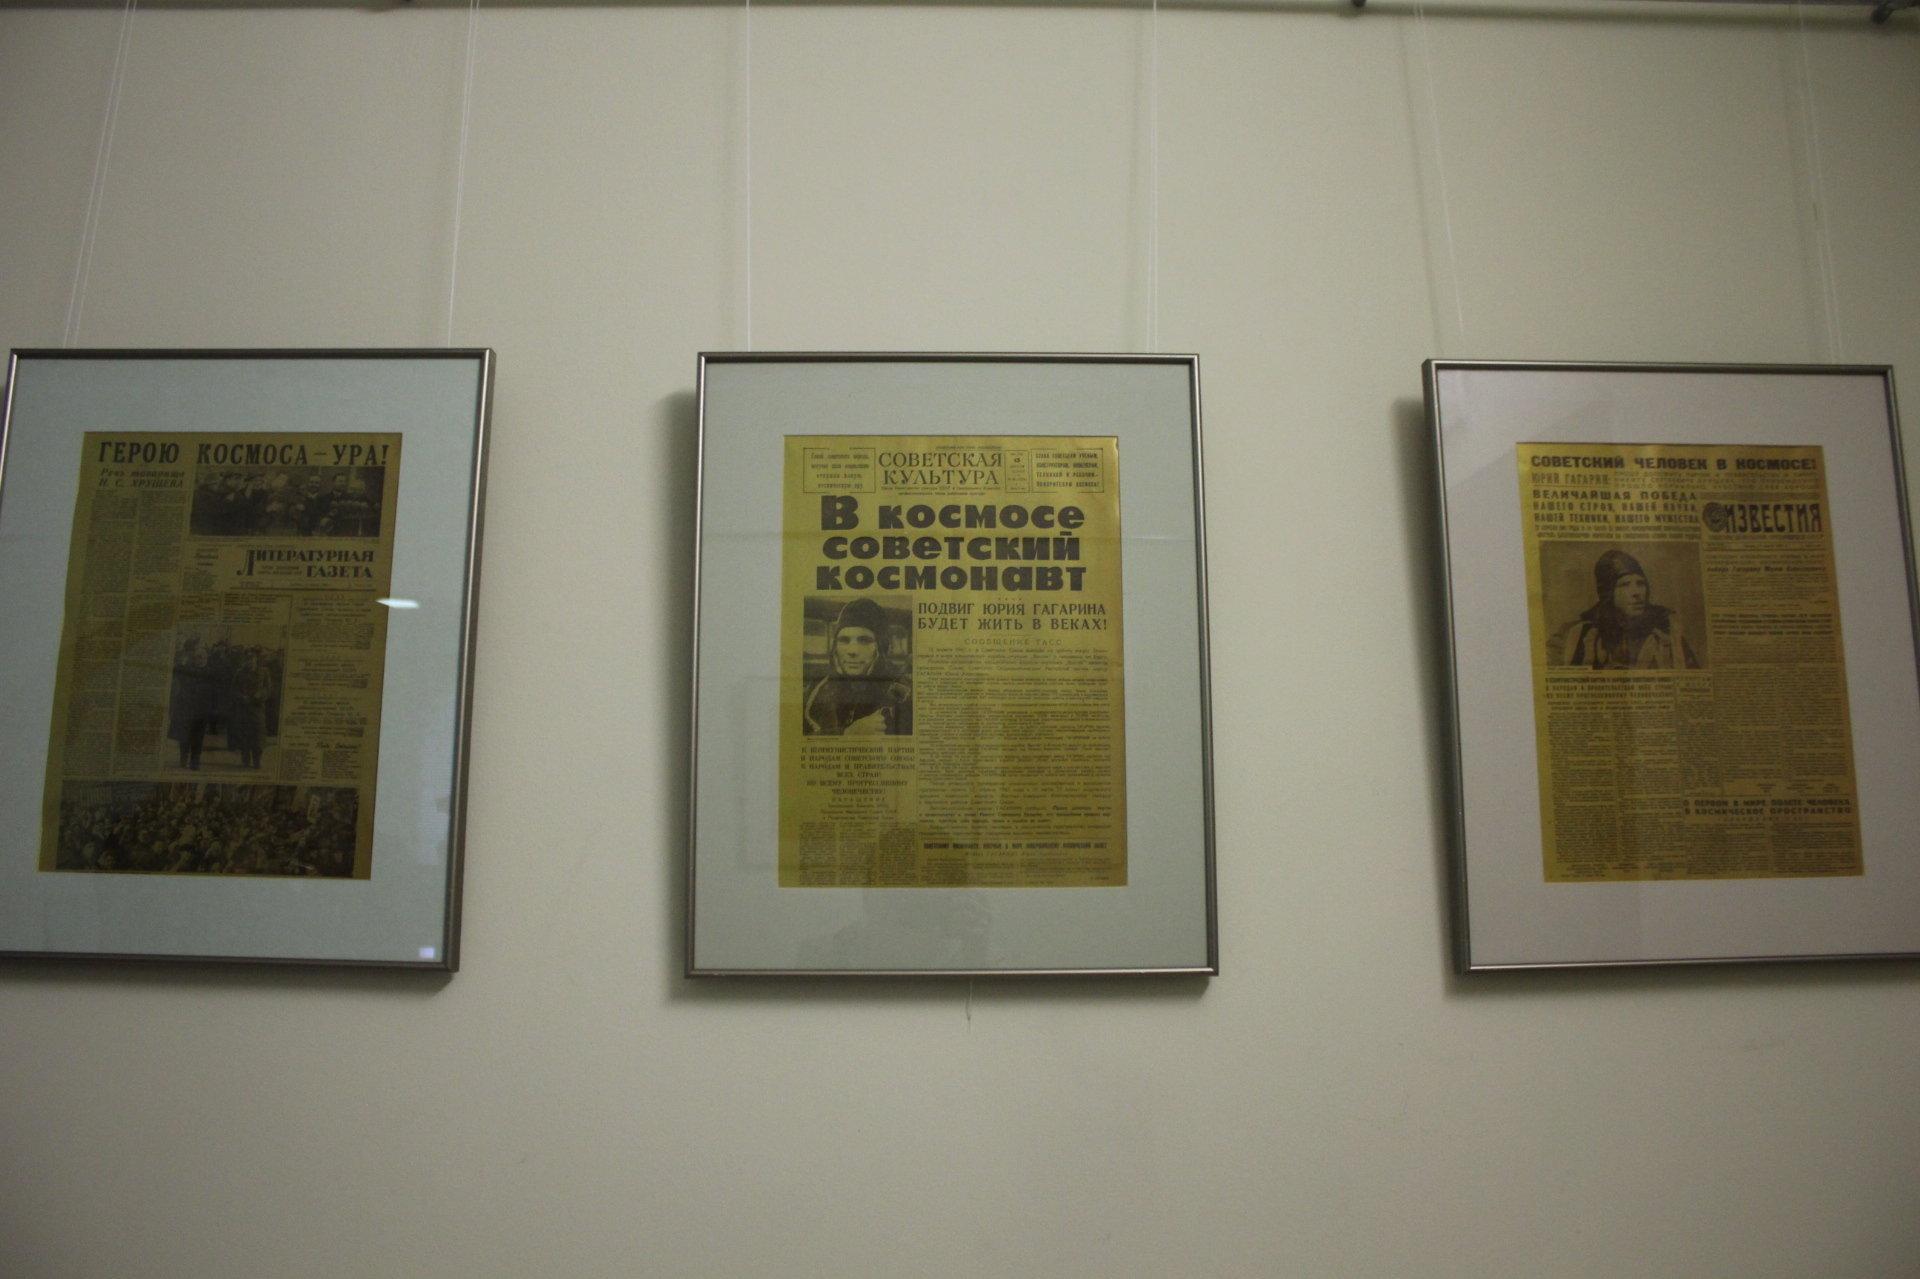 На выставке можно прочесть, что писали советские газеты о первом космонавте Юрии Гагарине